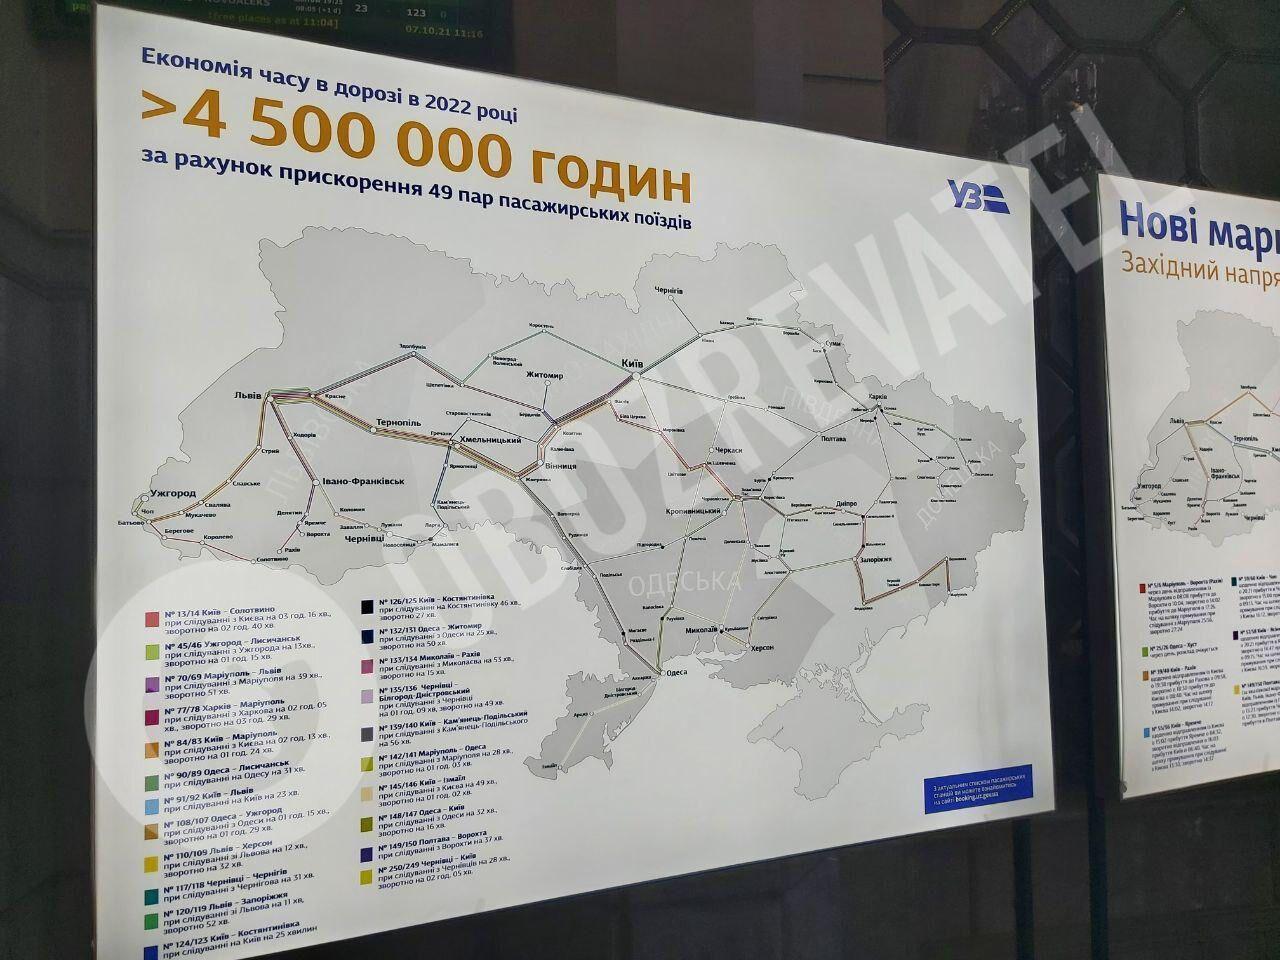 Залізничний оператор прискорив 49 пар поїздів